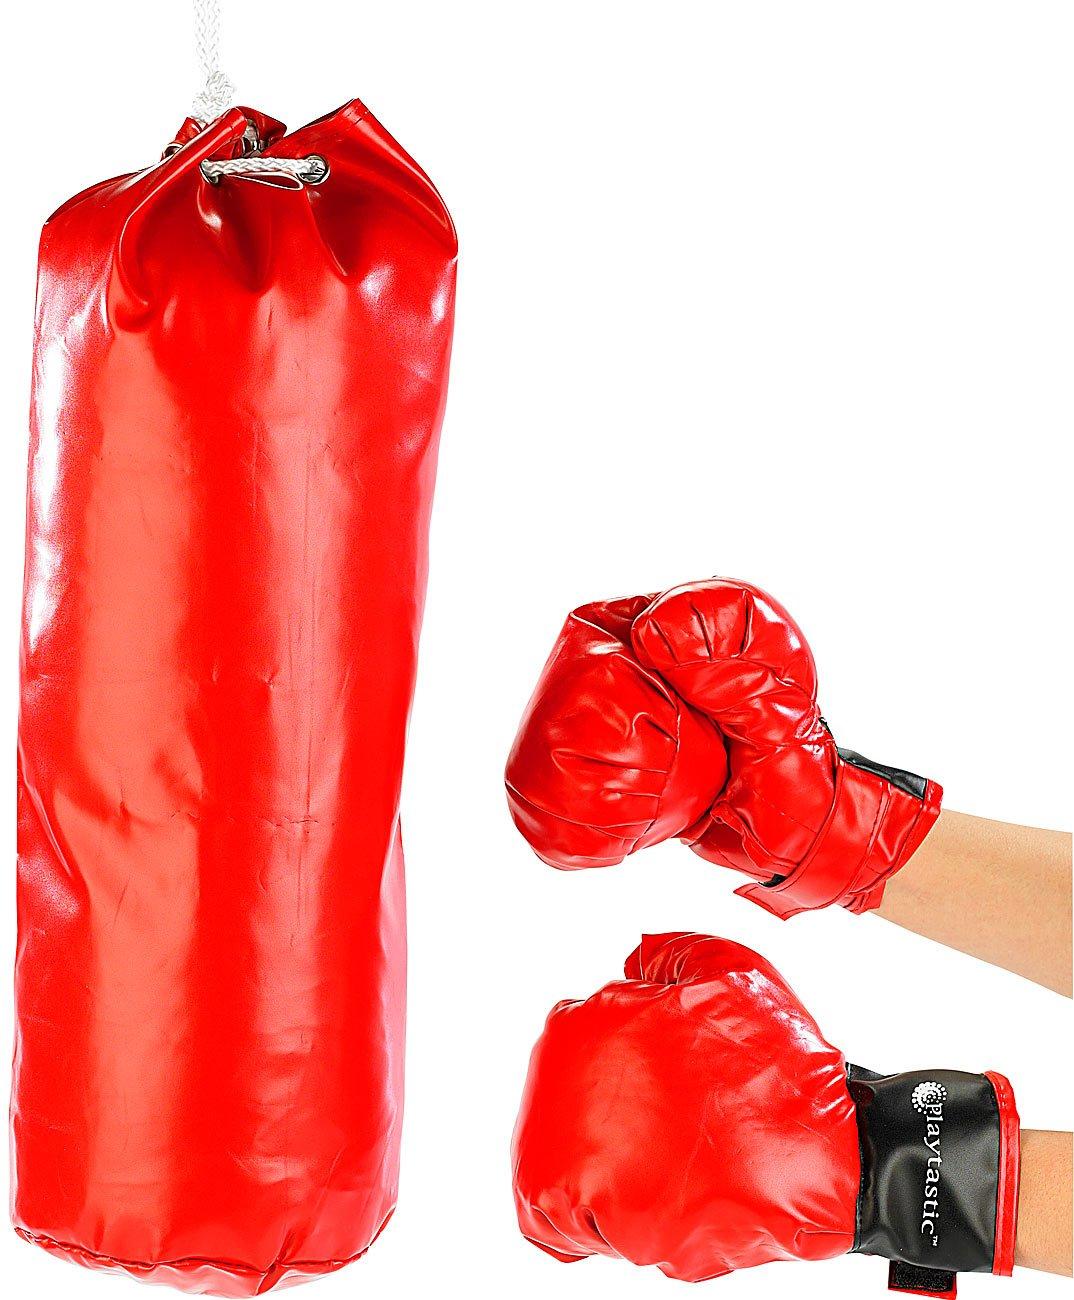 PLAYTASTIC NC1866 - Kit de boxeo para niñ os